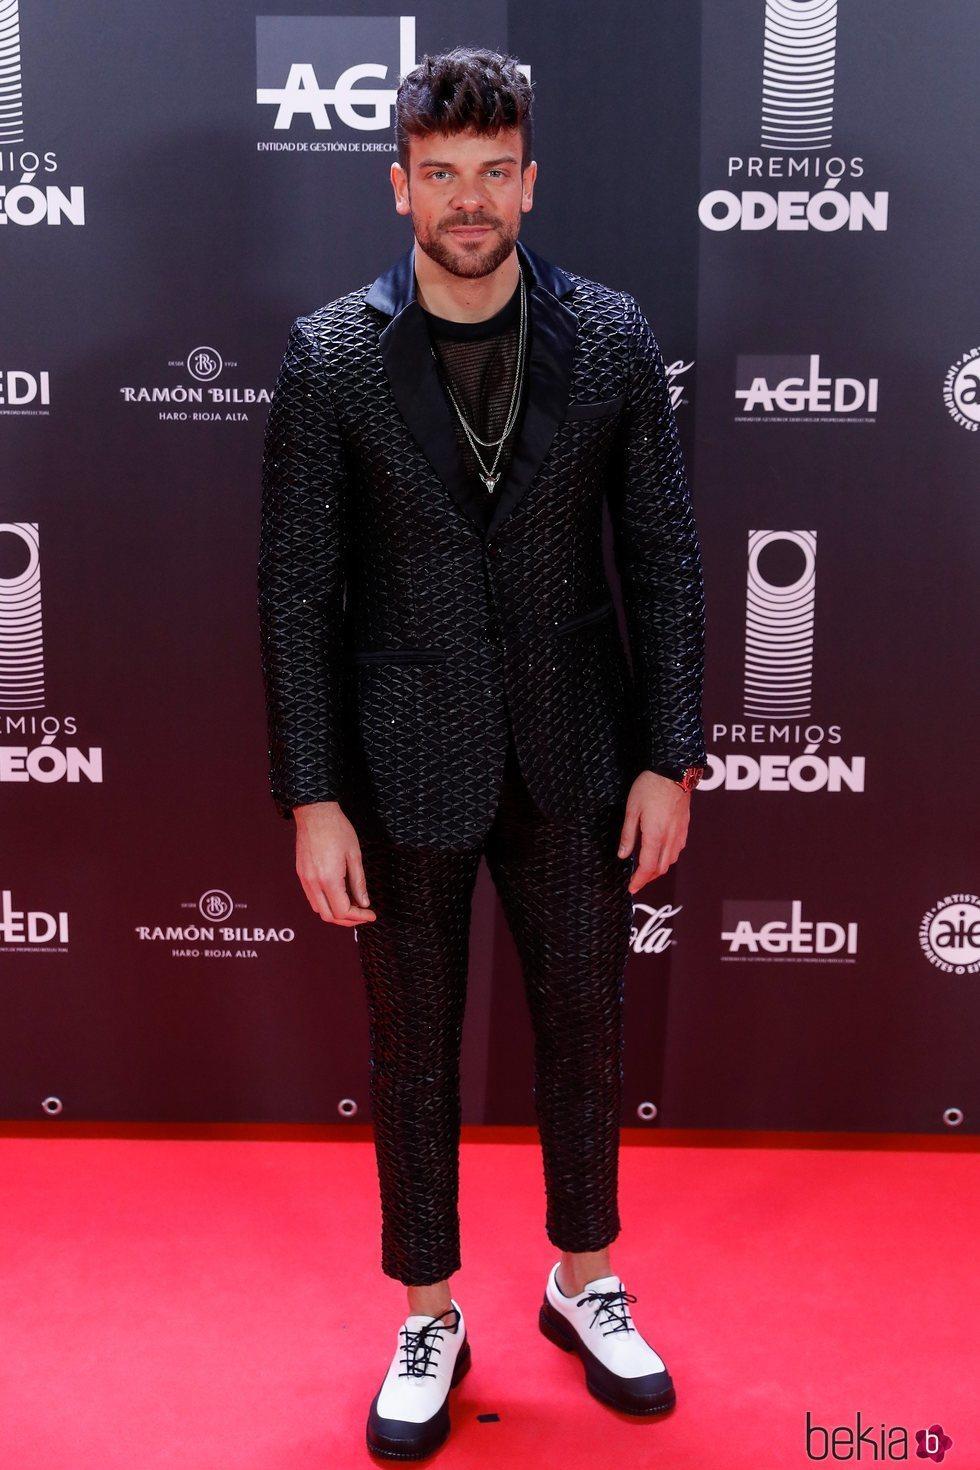 Ricky Merino en los Premios Odeón 2020